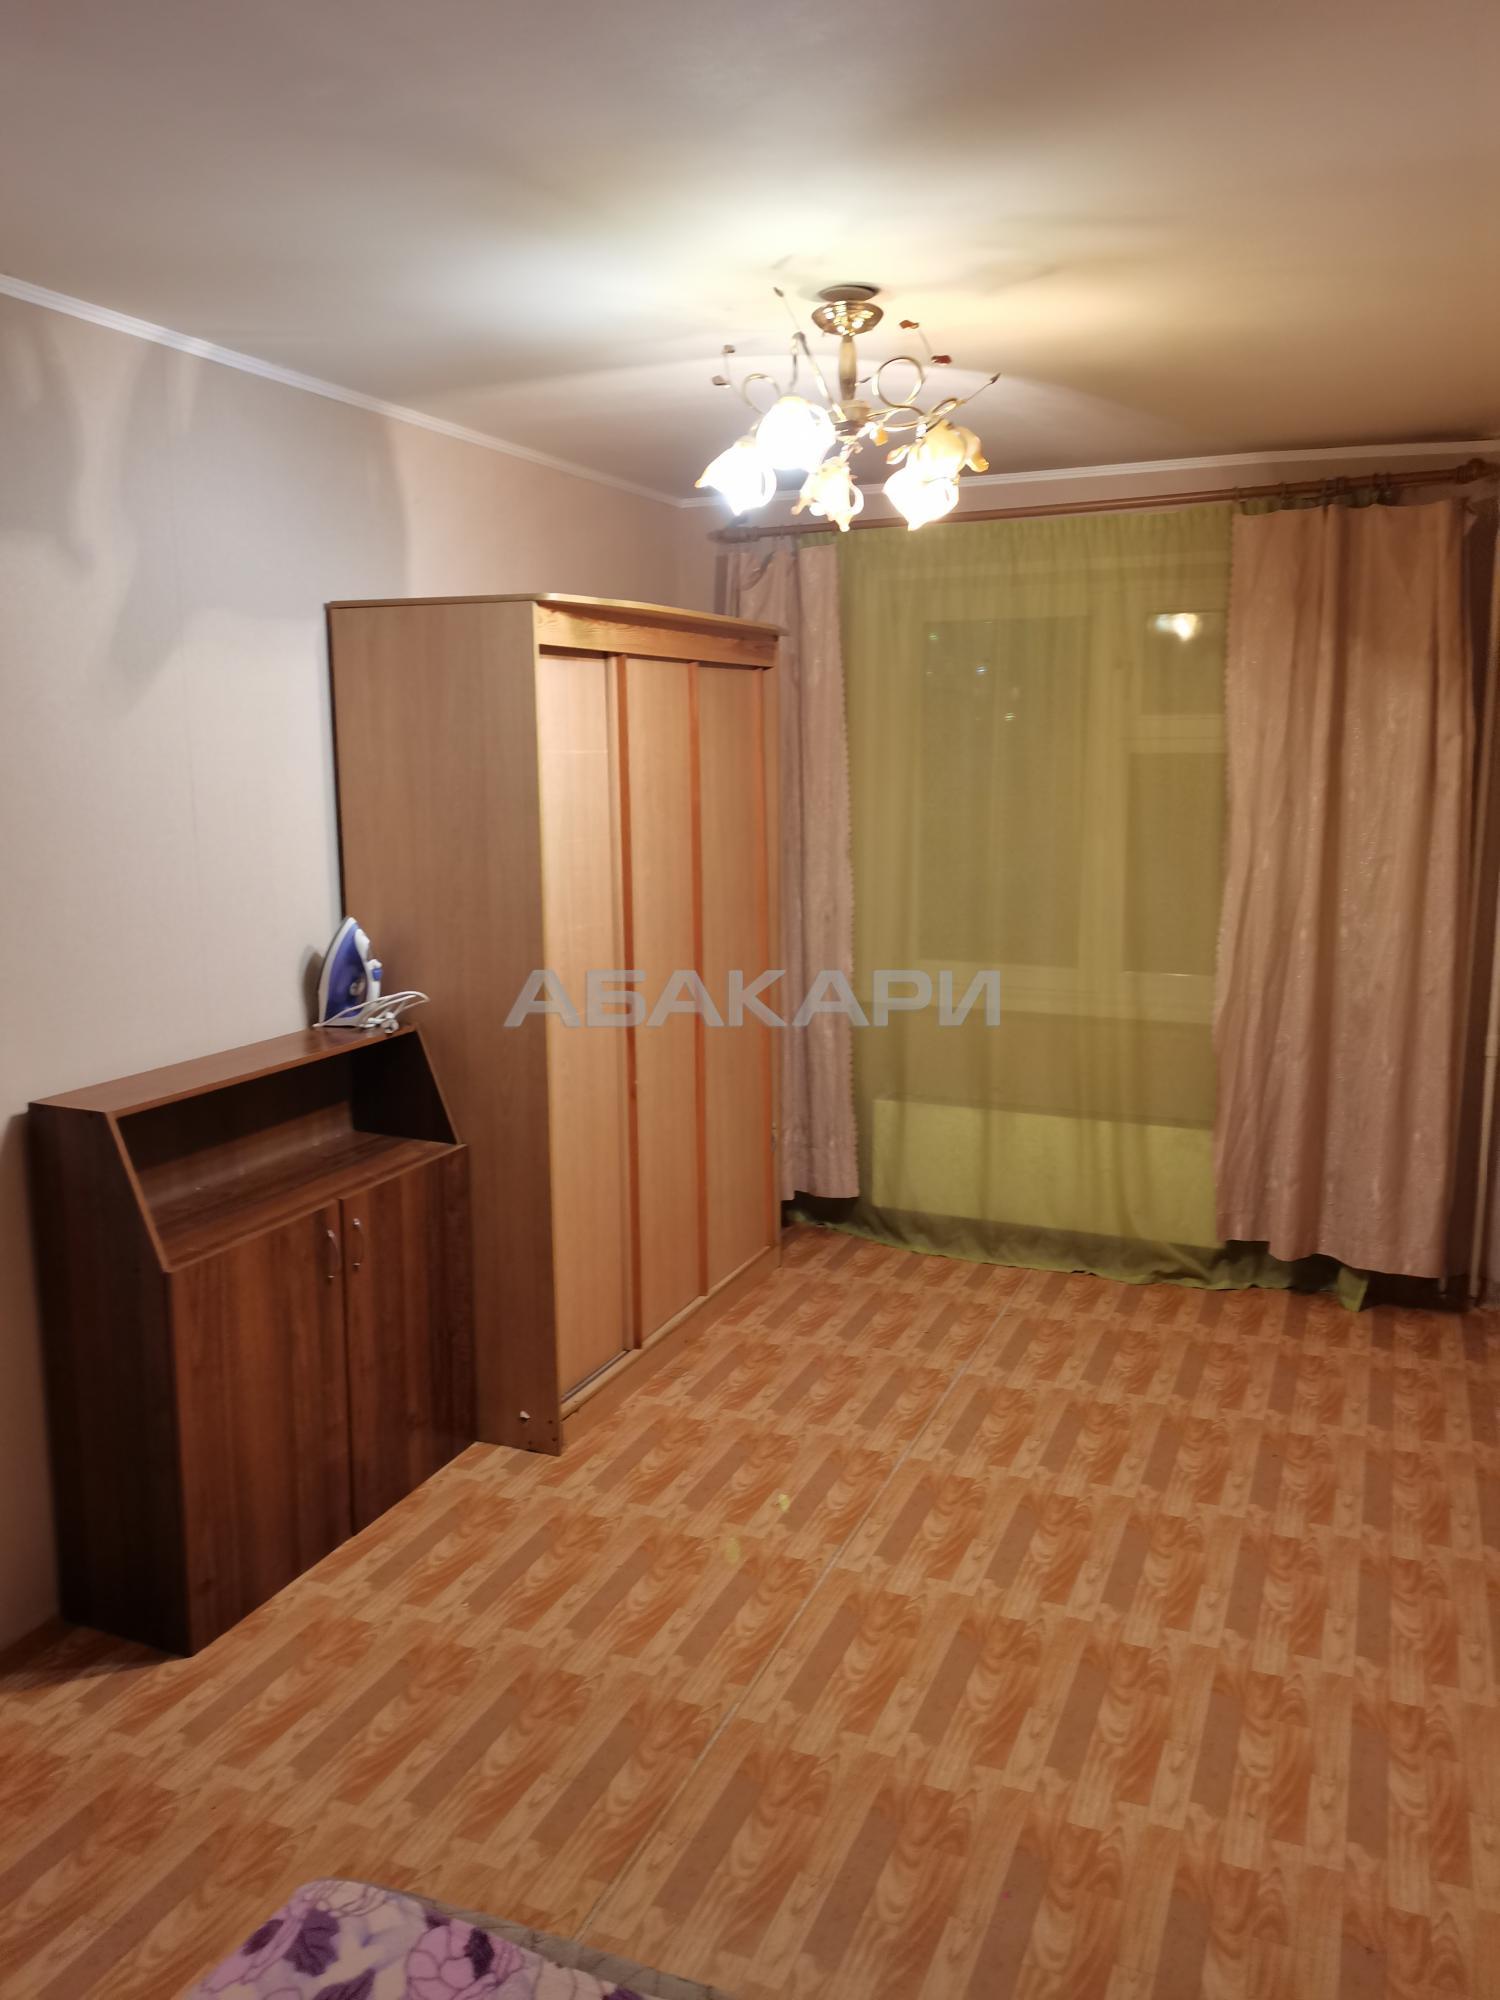 1к квартира Ястынская улица, 18   15000   аренда в Красноярске фото 0